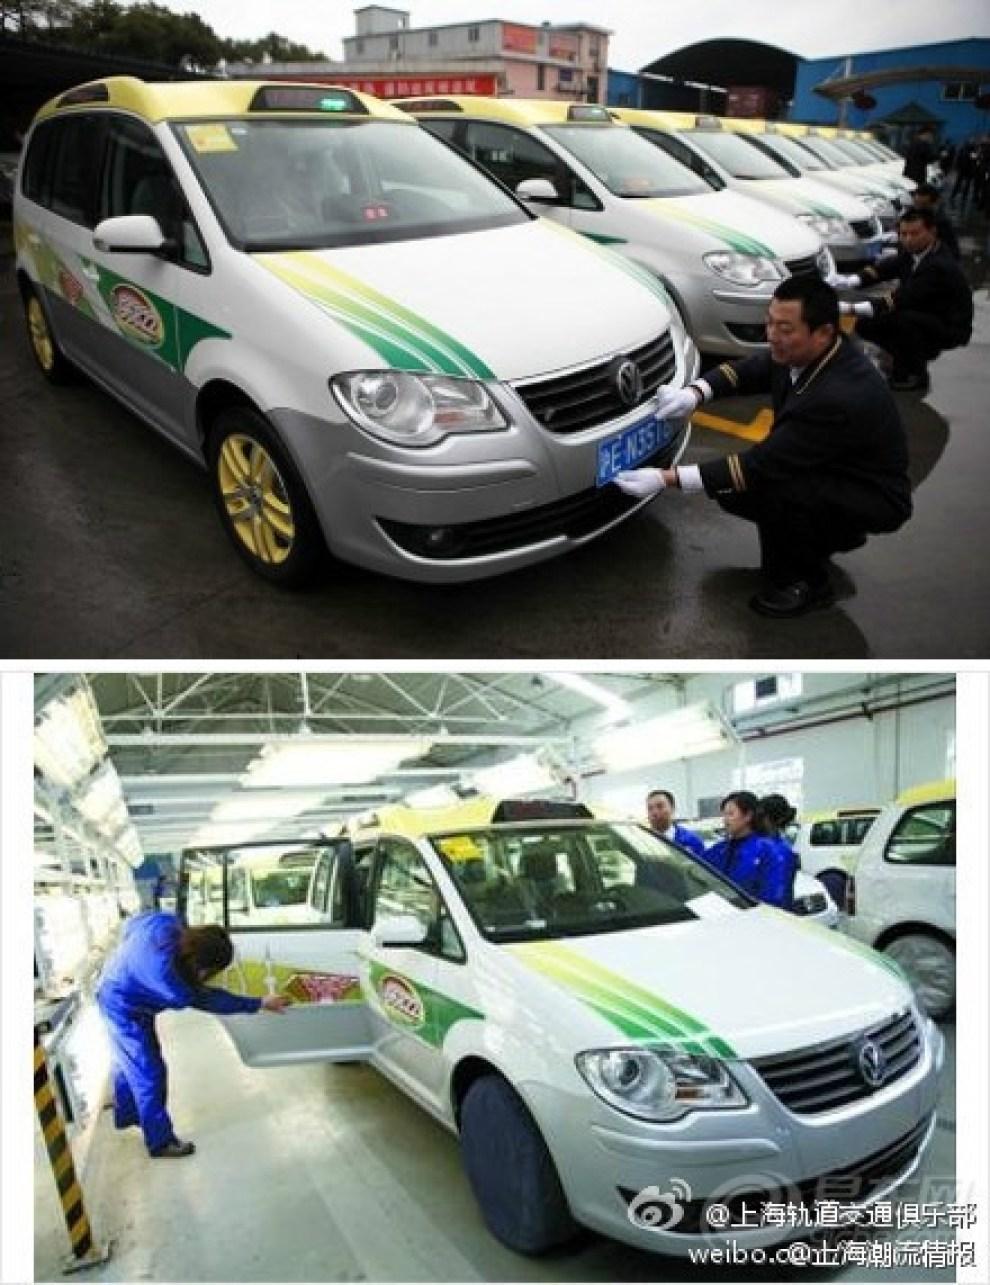 上海世博的途安出租车,要提前退役了高清图片